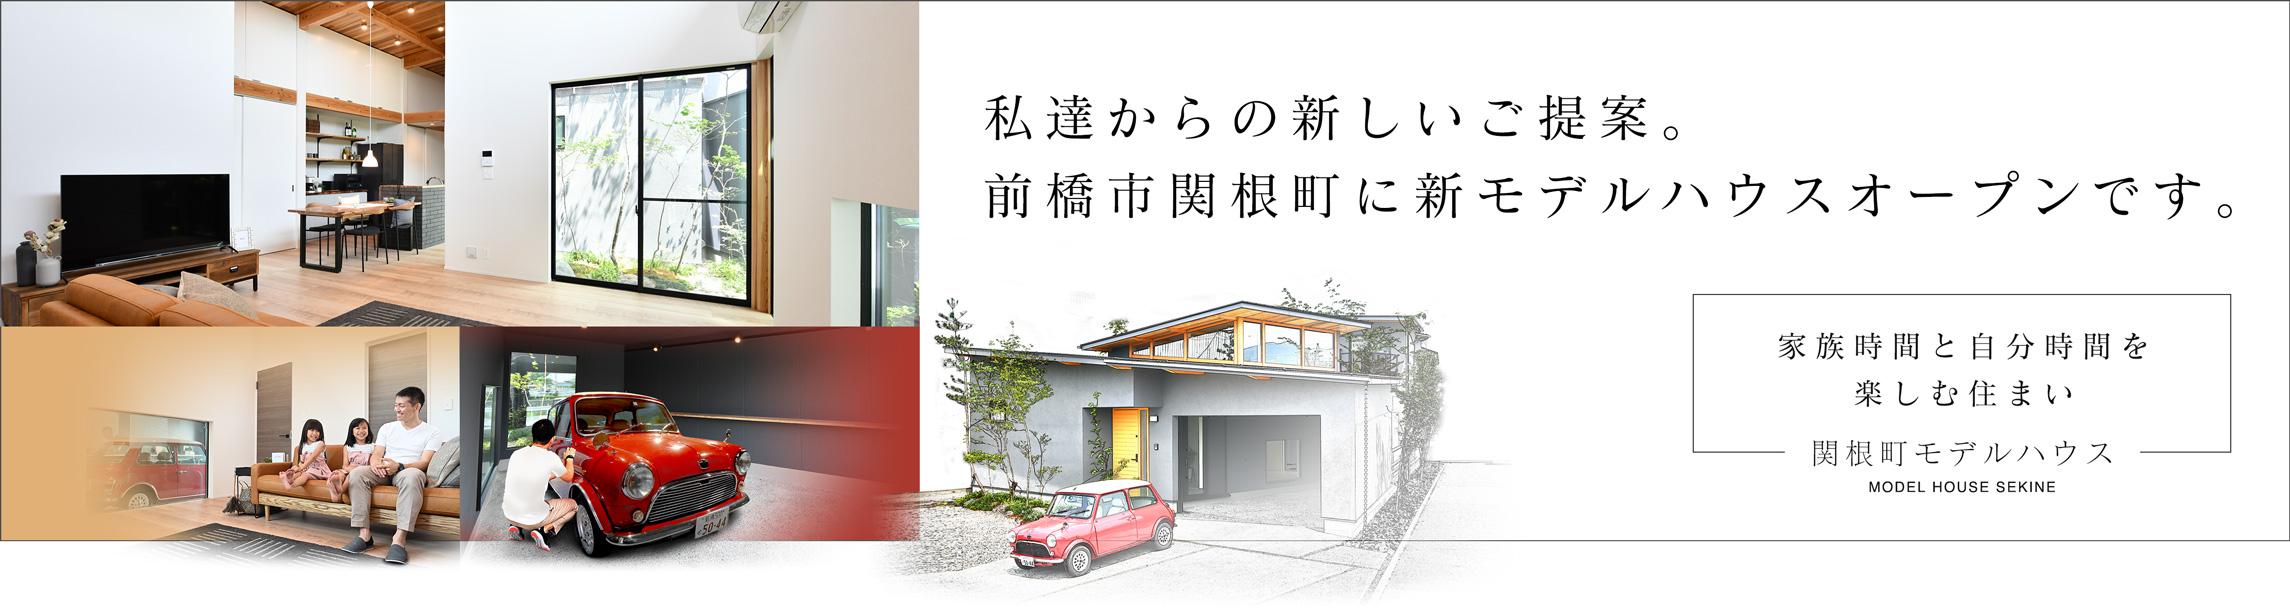 私達からの新しいご提案。前橋市関根町に新モデルハウスオープンです。